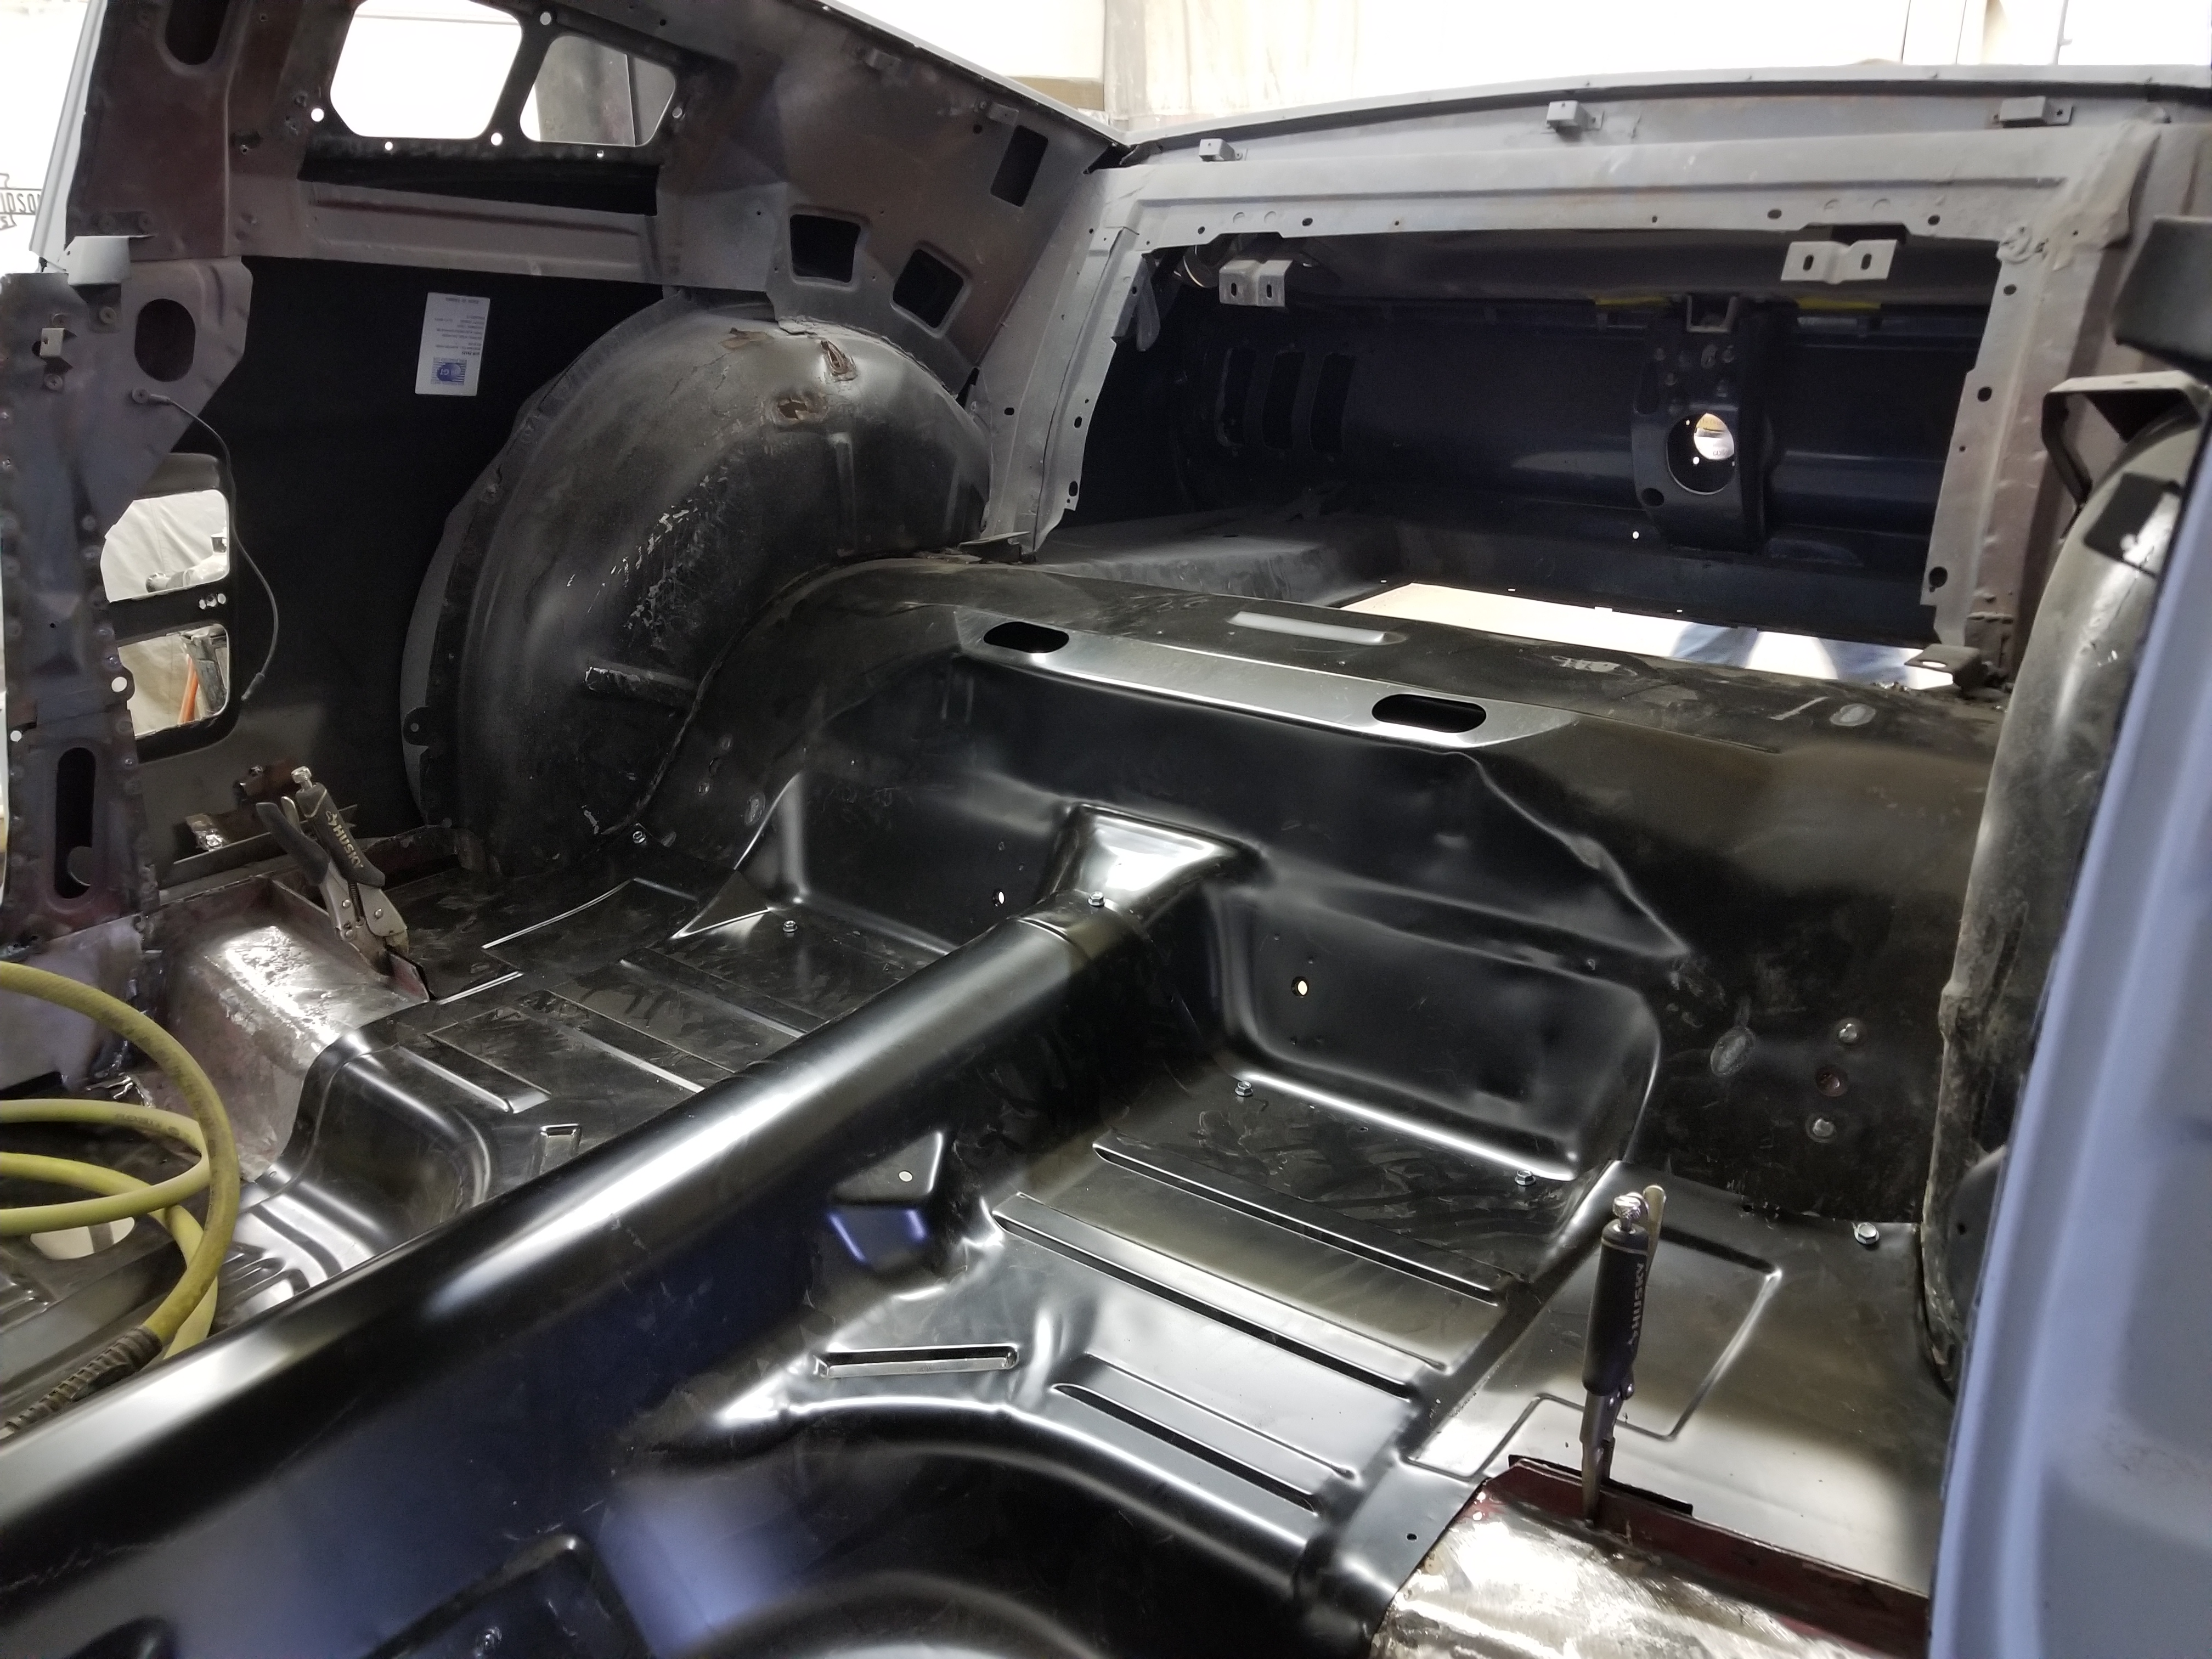 67 Mustang Floor Pan